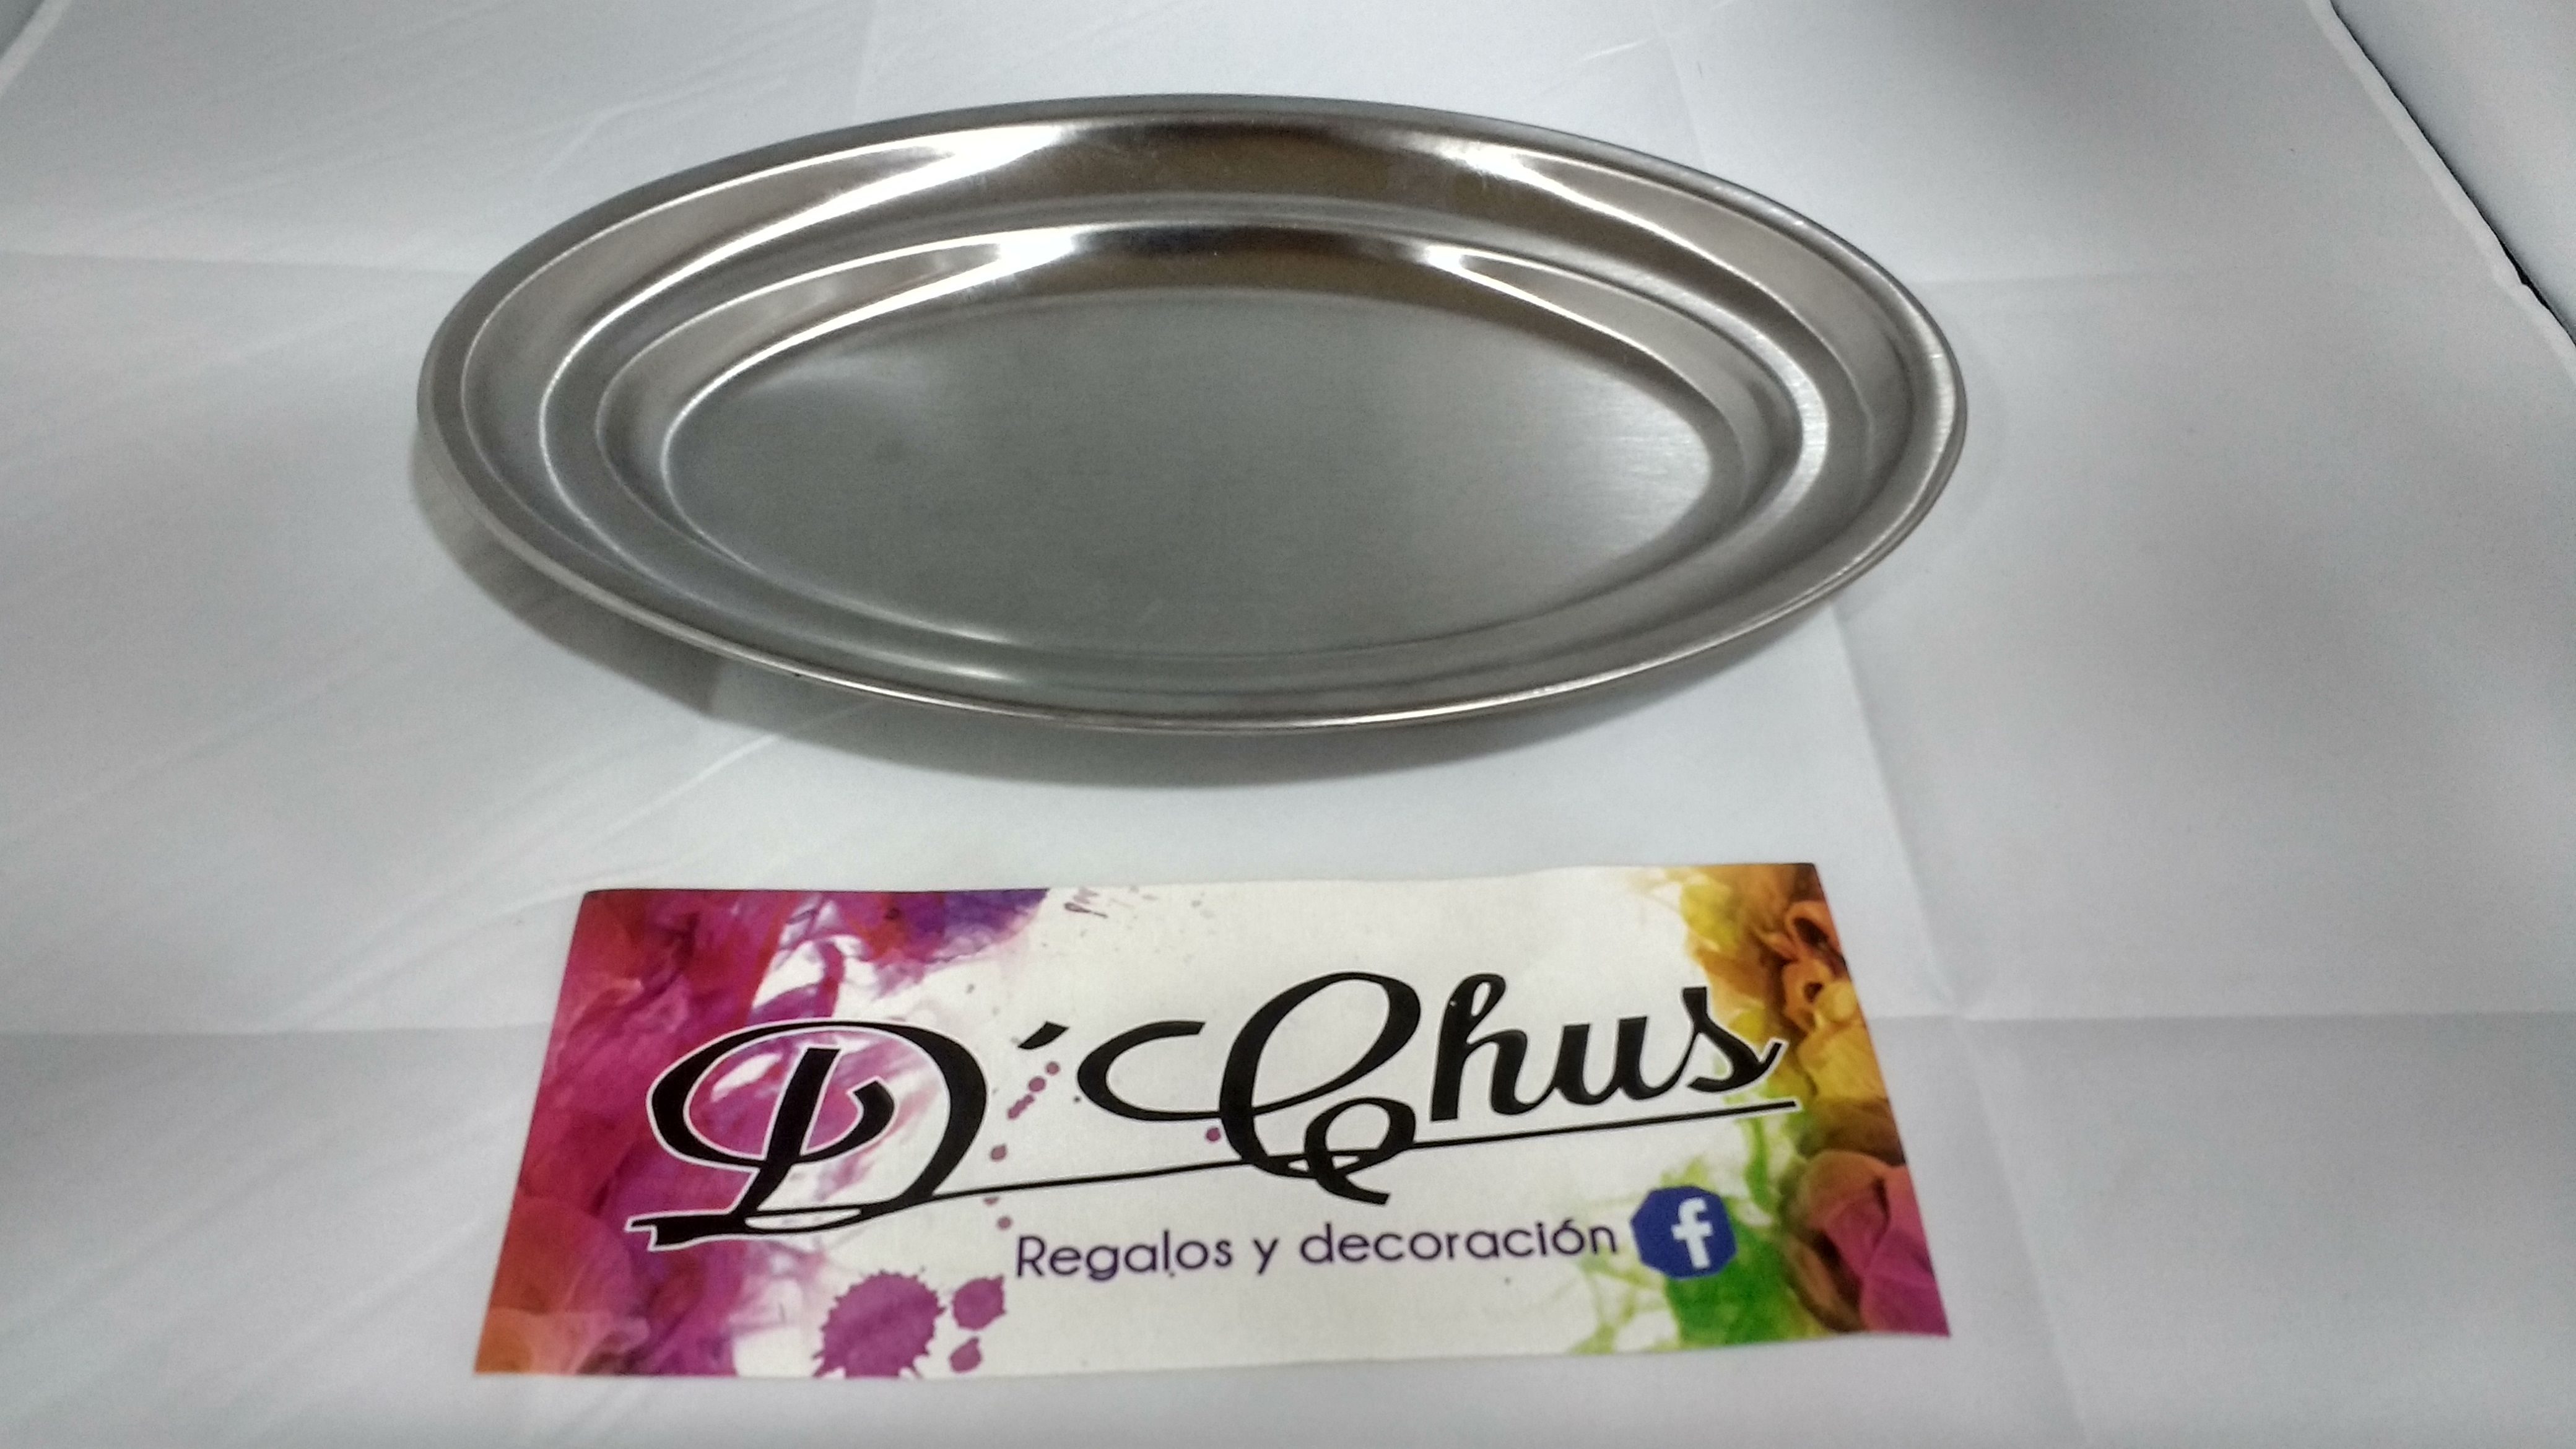 Bandejas del modelo Acero Inox Ovalada Pequeña. #dchusregalos #DCHUS #bandejasaceroinoxovaladapequeña